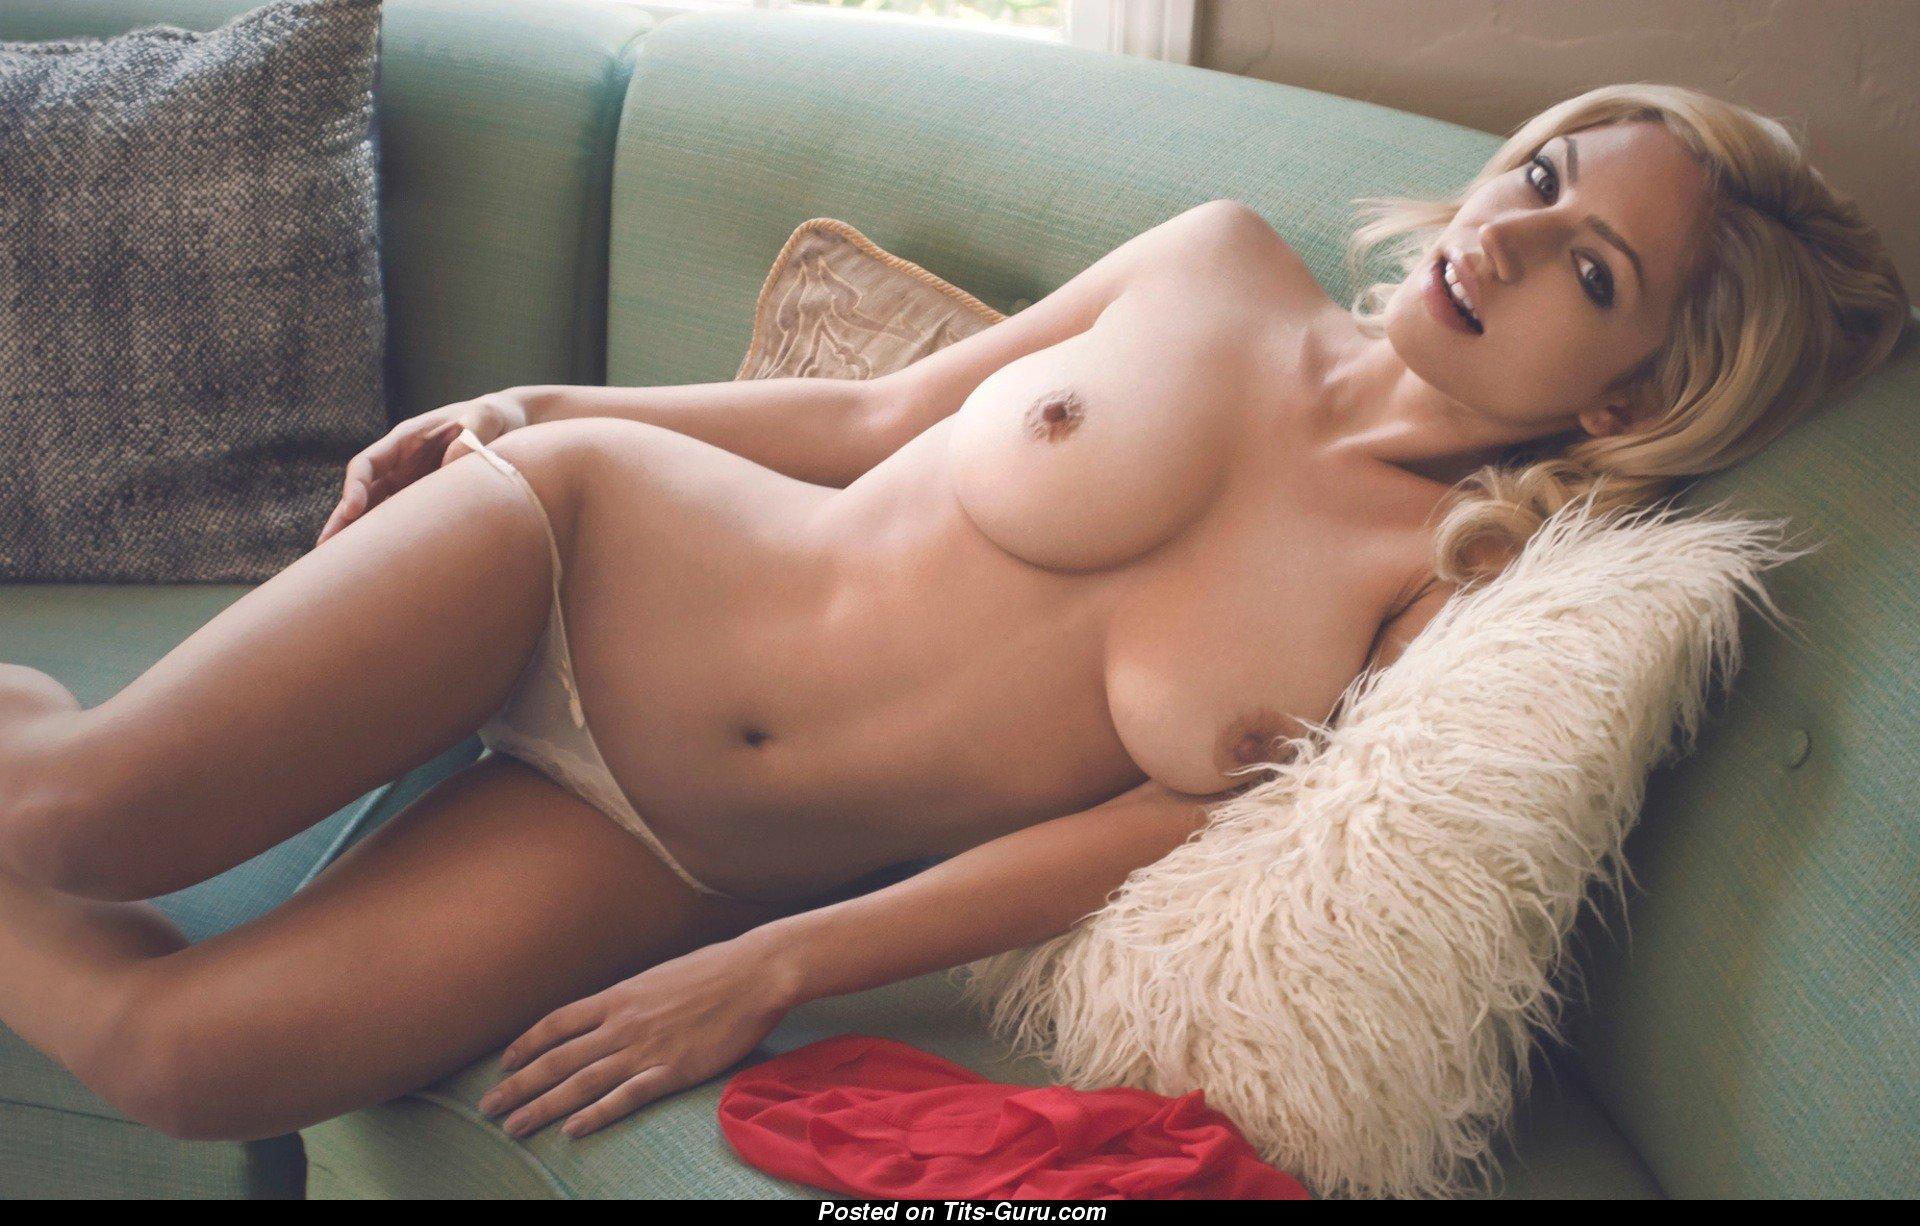 Nice natural tits pics